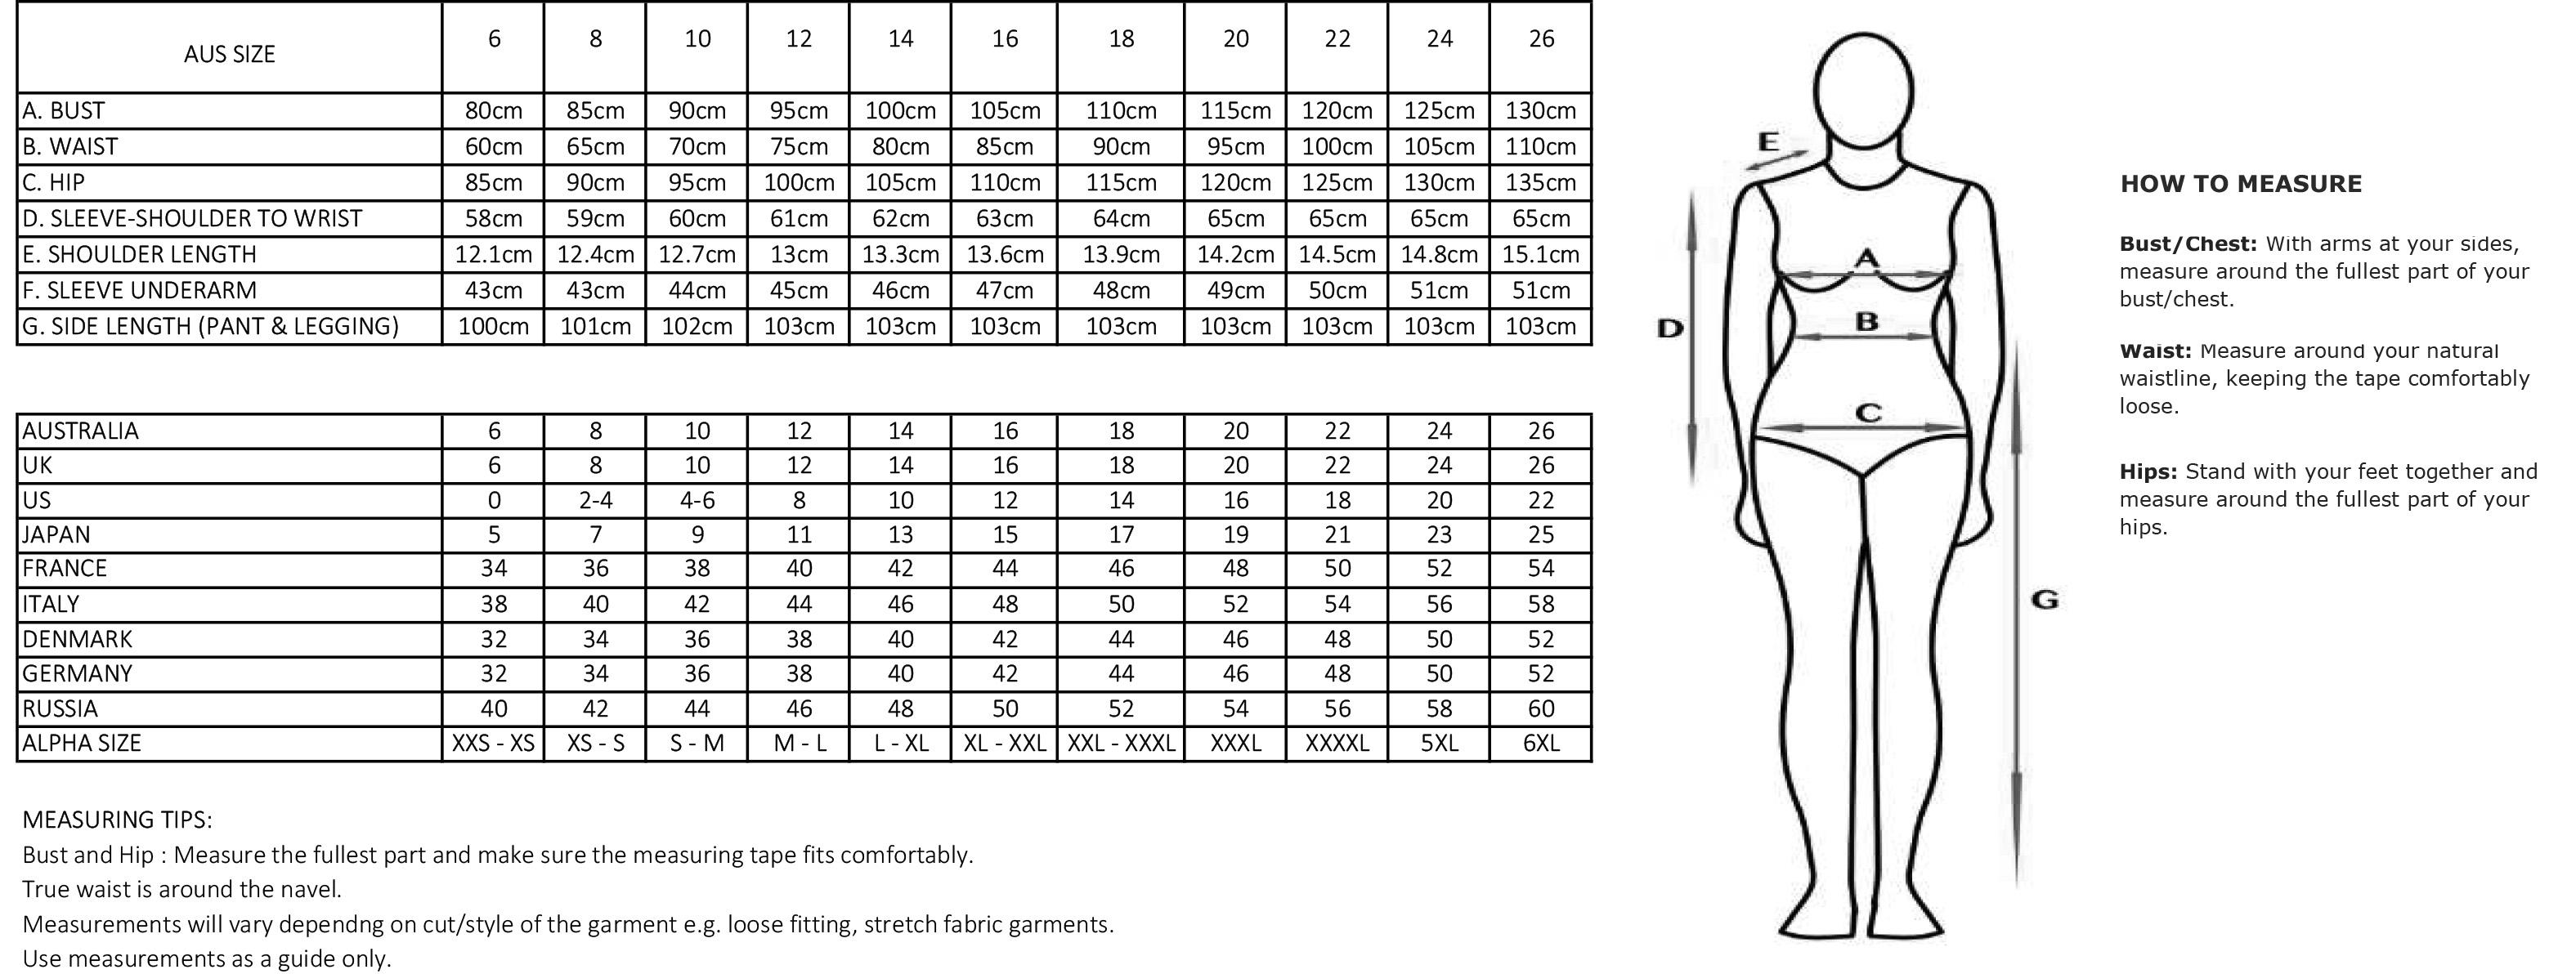 bima-wear-size-chart.jpg